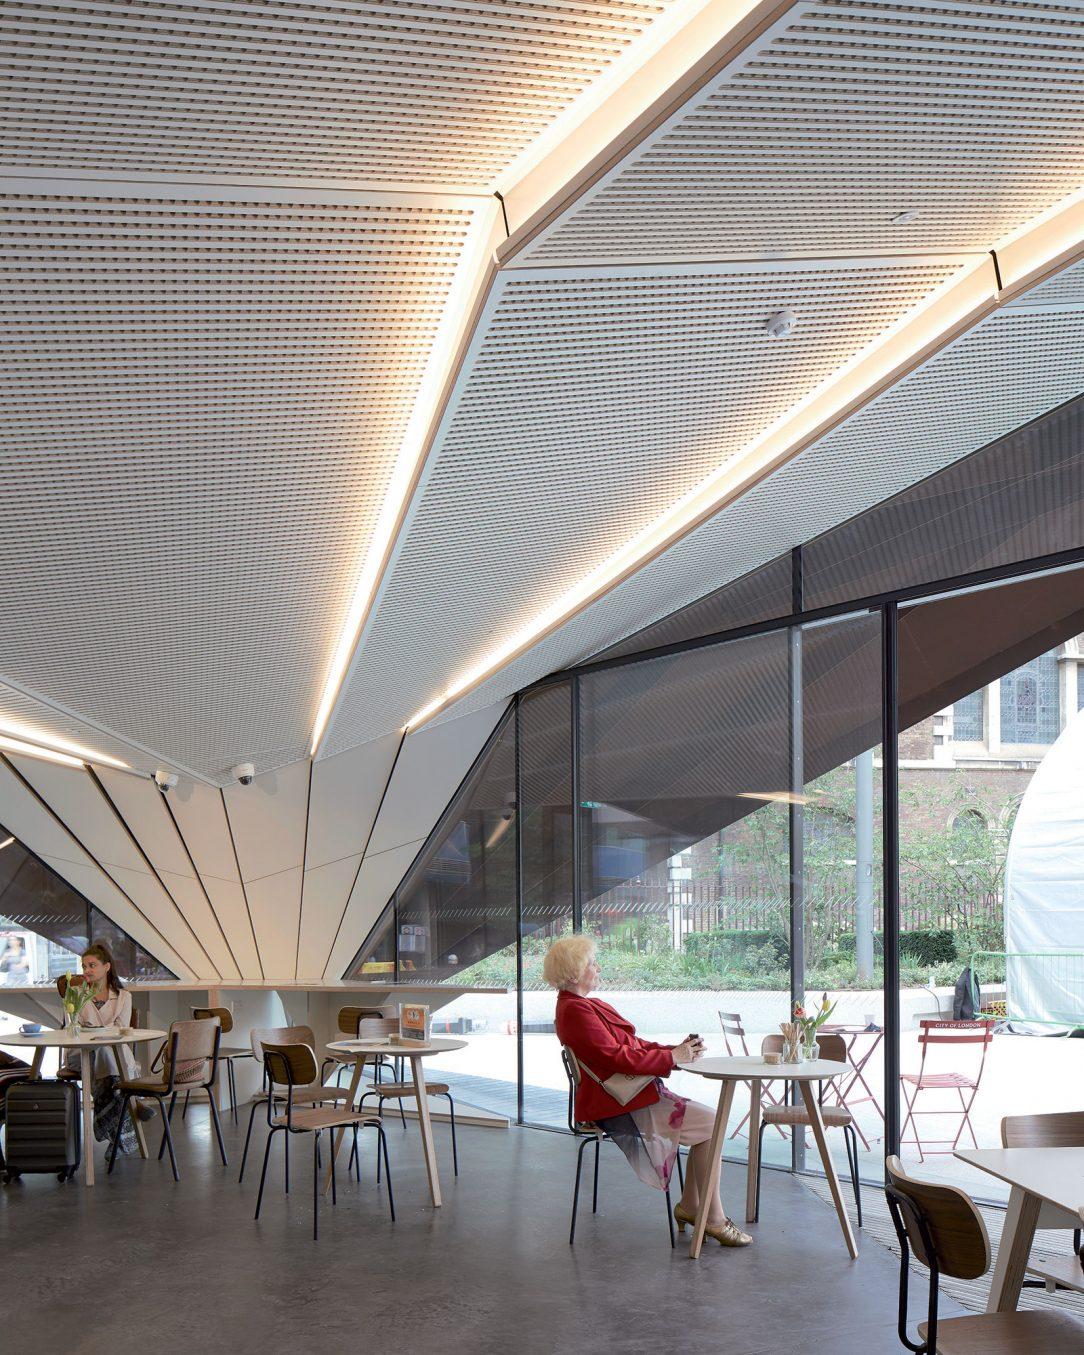 Dřevěné akustické panely se zakomponovaným osvětlením